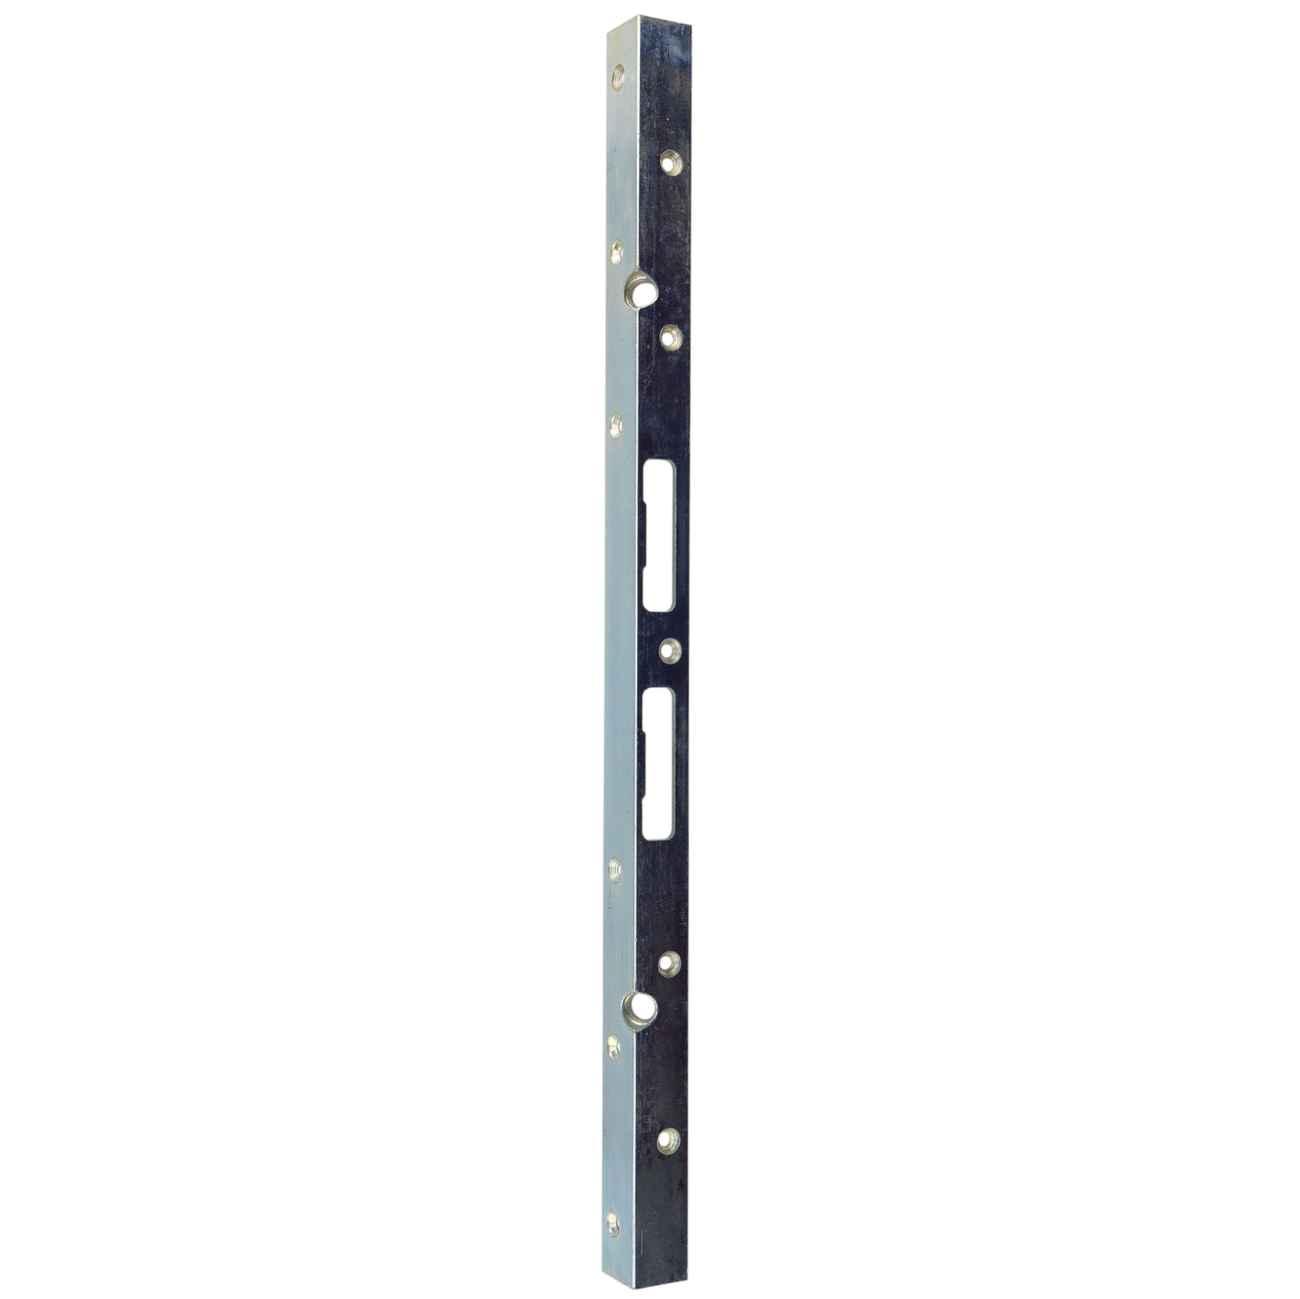 Sicherheits-Schließblech 500x25x25 mm lang mit Eckverstärkung – Bild 1